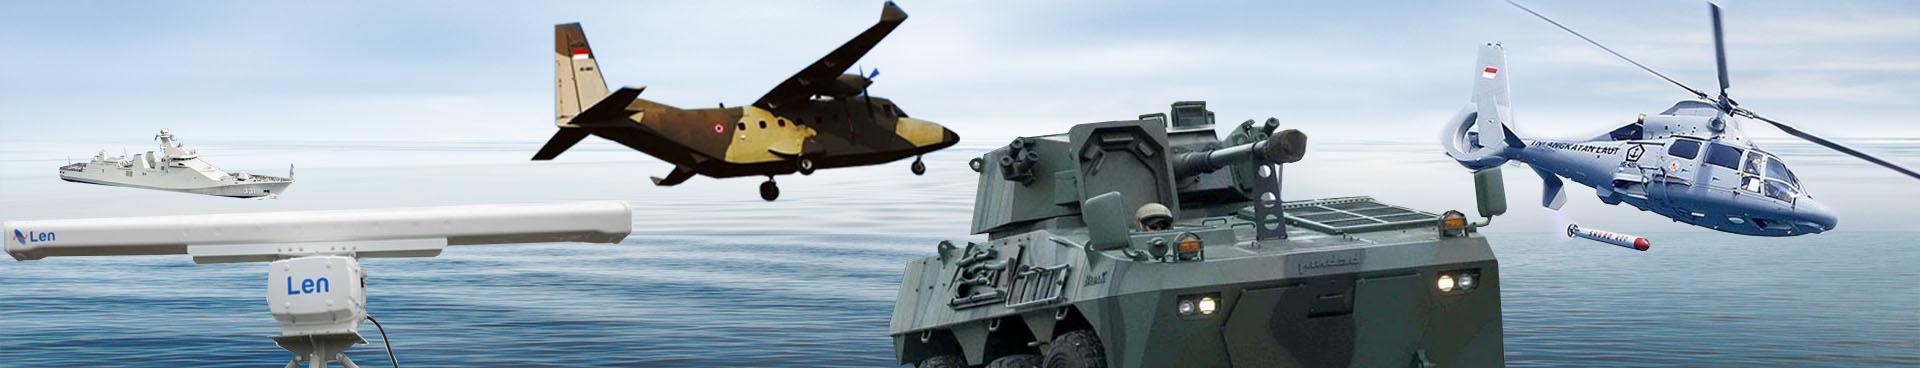 Katalog Industri Pertahanan